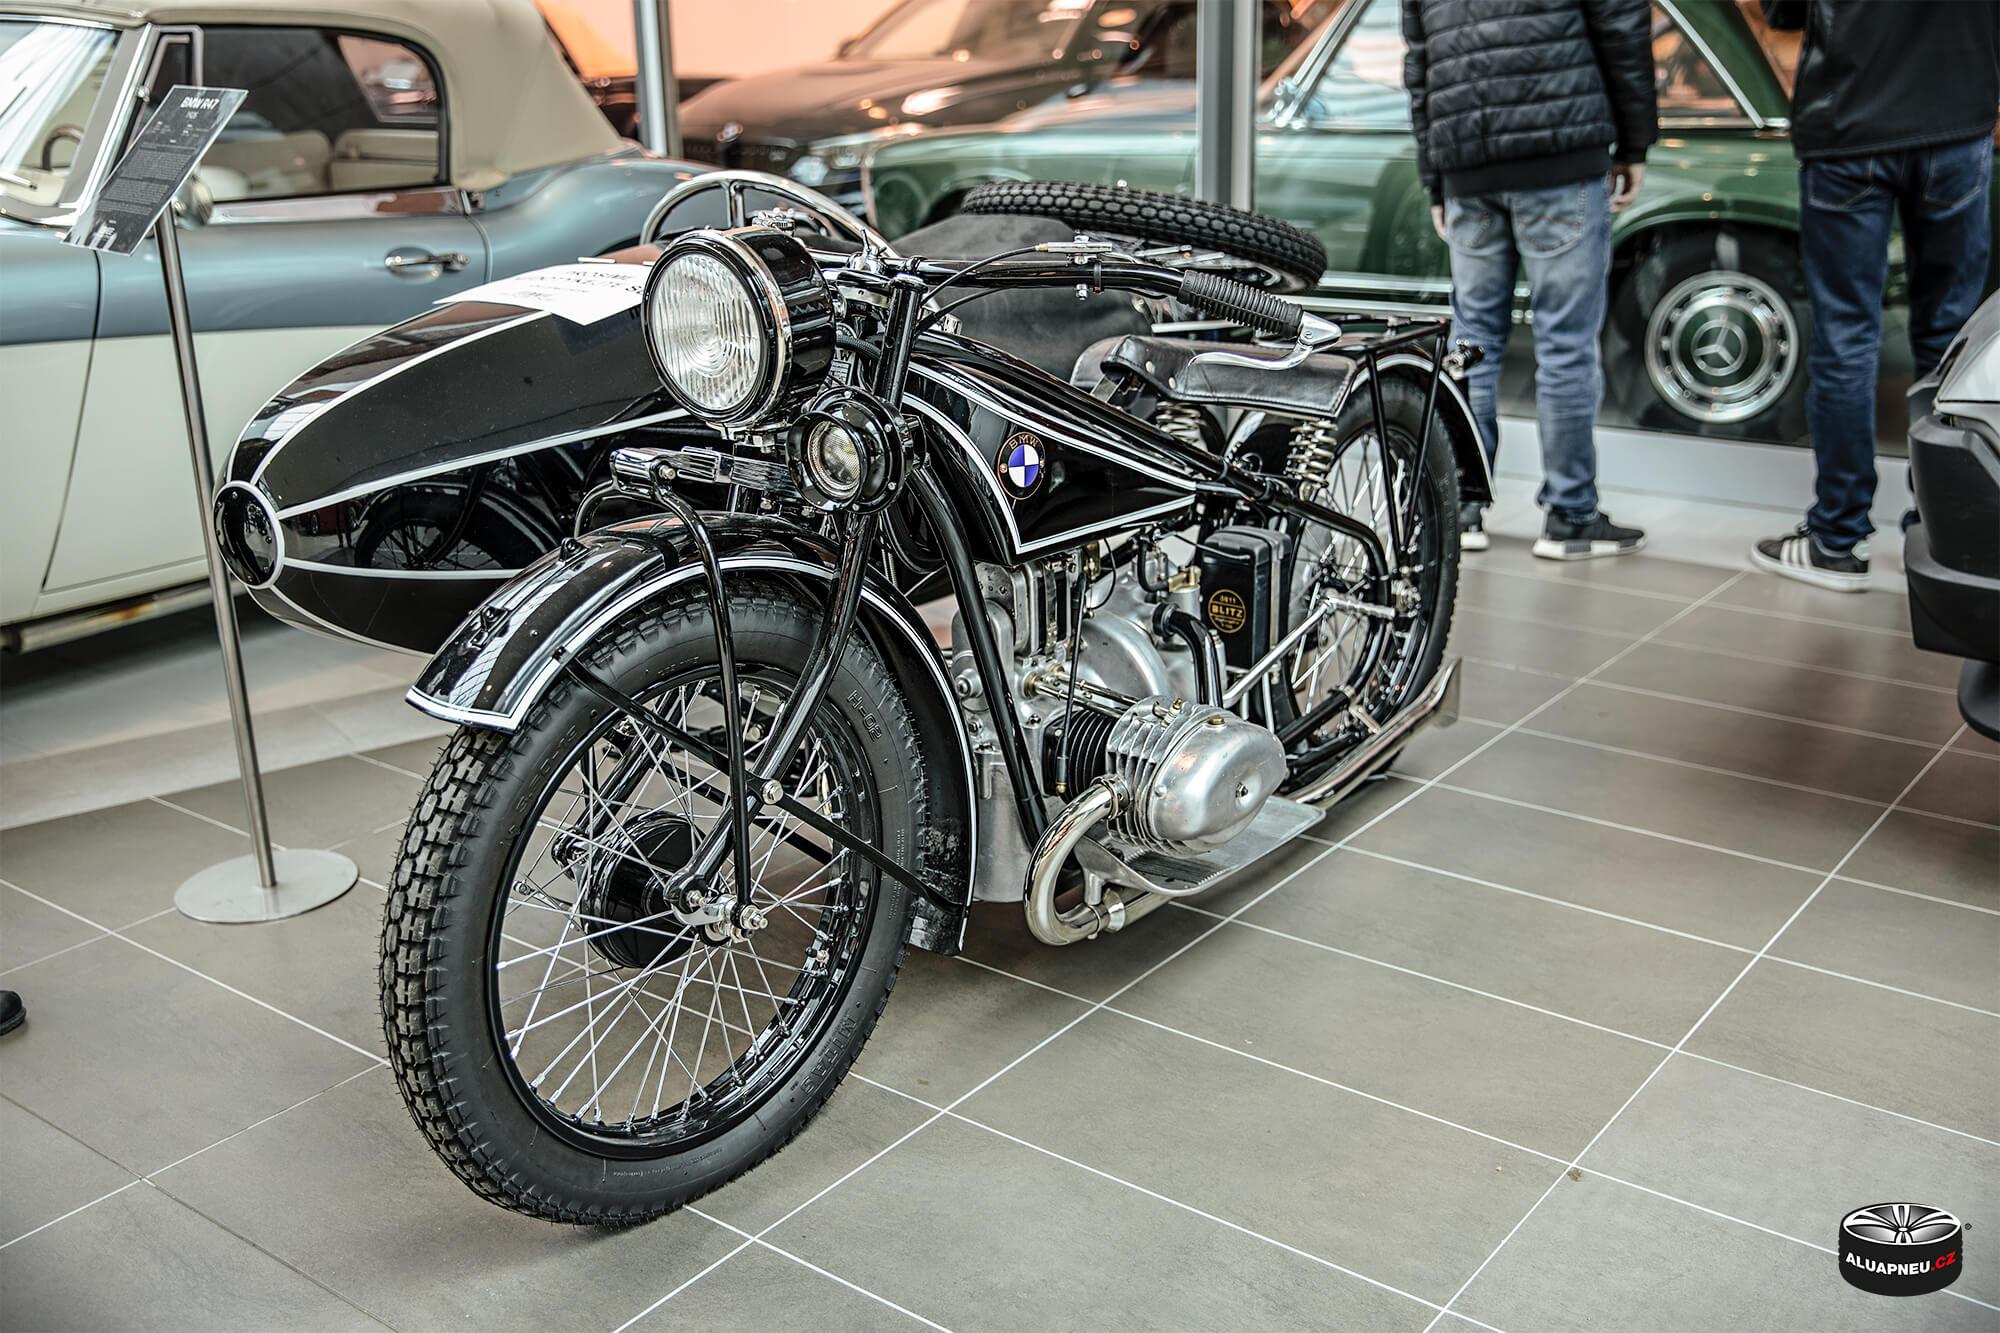 Bmw motocykl - Youngtimer - www.aluapneu.cz